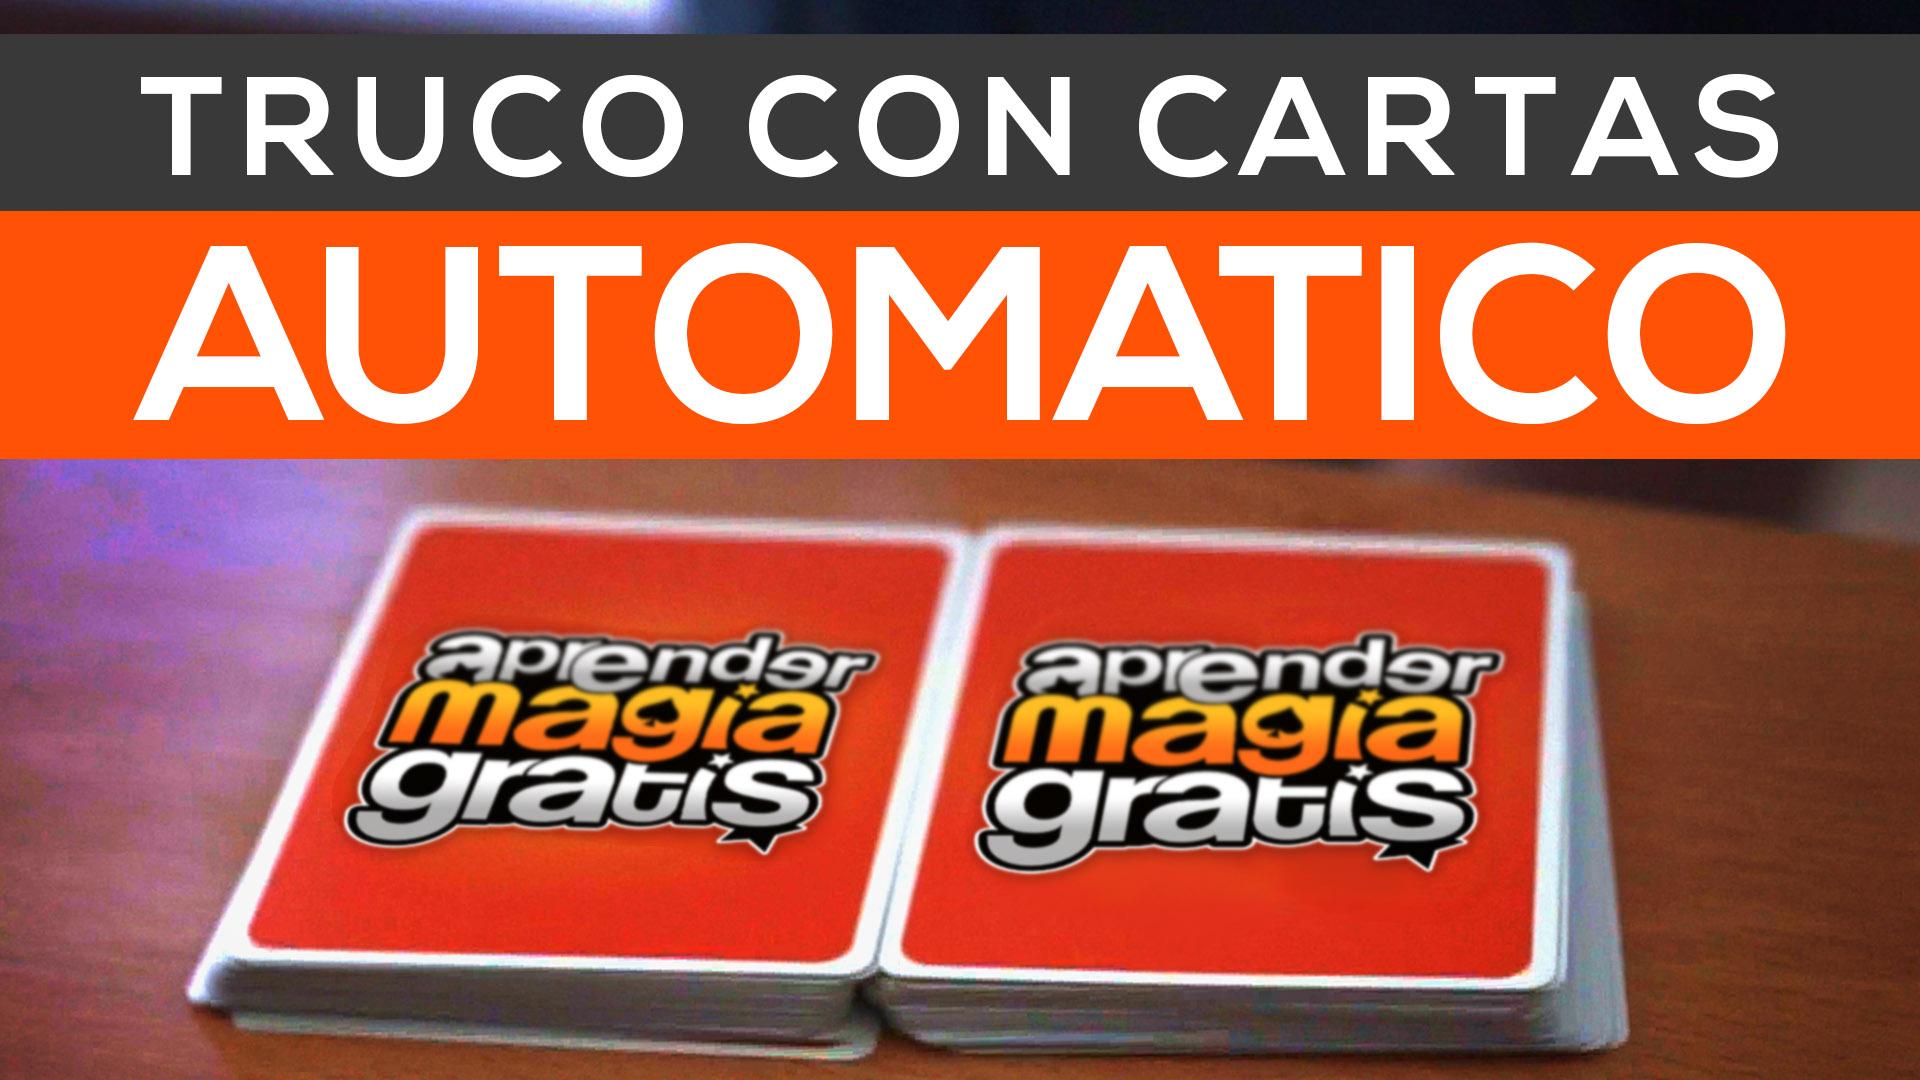 truco de magia revelado con cartas truco automatico